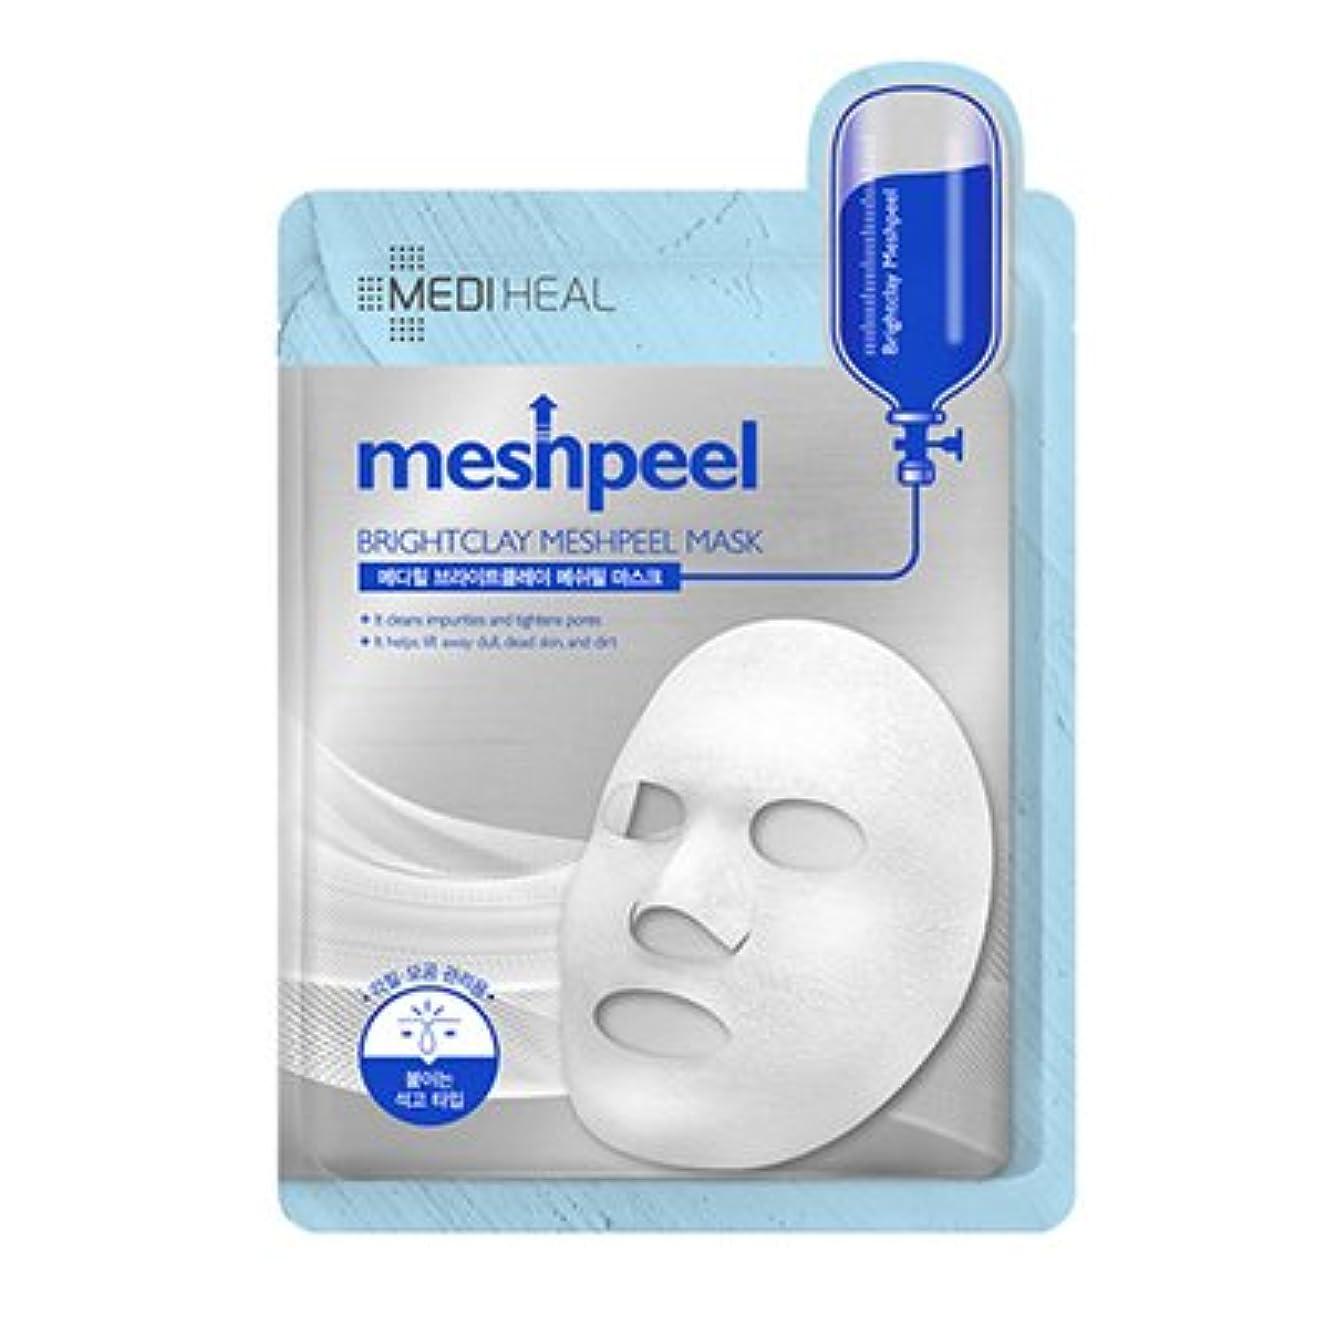 番号比べる深い[New] MEDIHEAL Brightclay Meshpeel Mask 17g × 10EA/メディヒール ブライト クレイ メッシュ ピール マスク 17g × 10枚